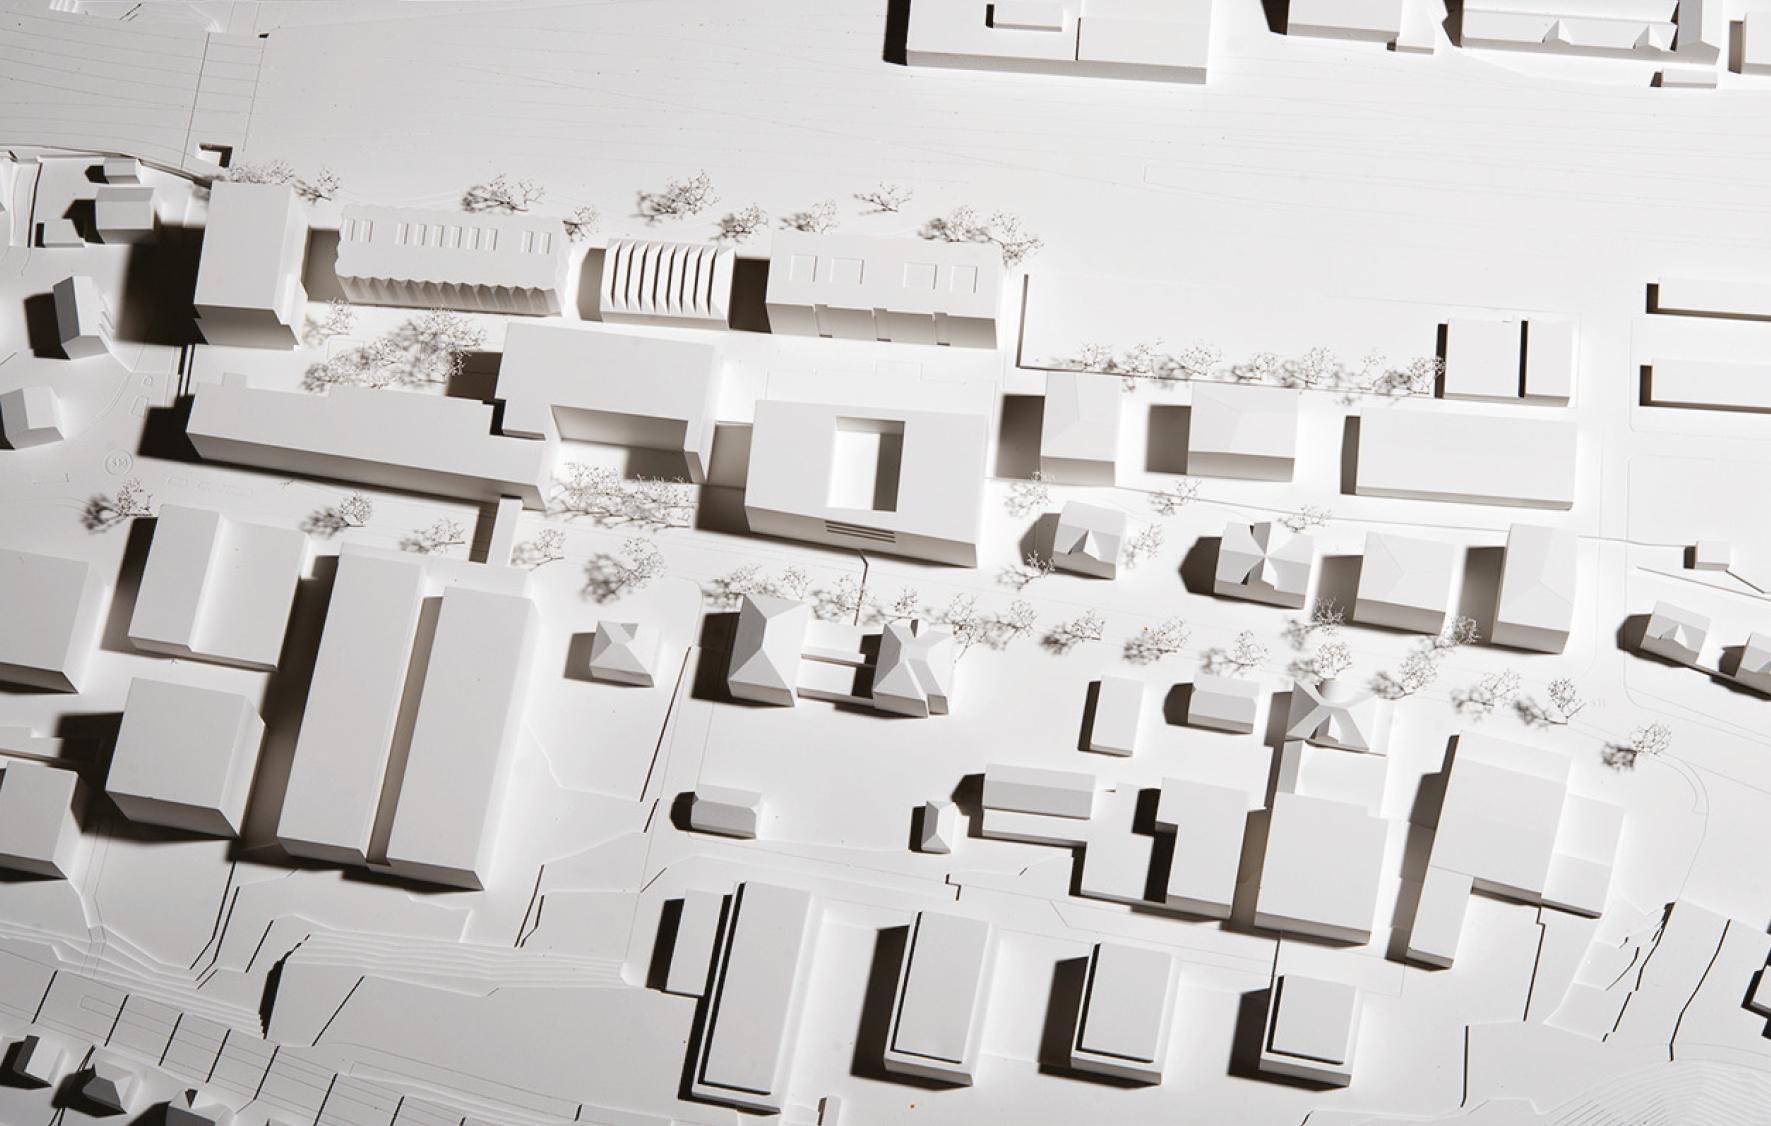 Arealentwicklung «Suttergut Nord», Burgdorf, Camponovo Baumgartner Architekten